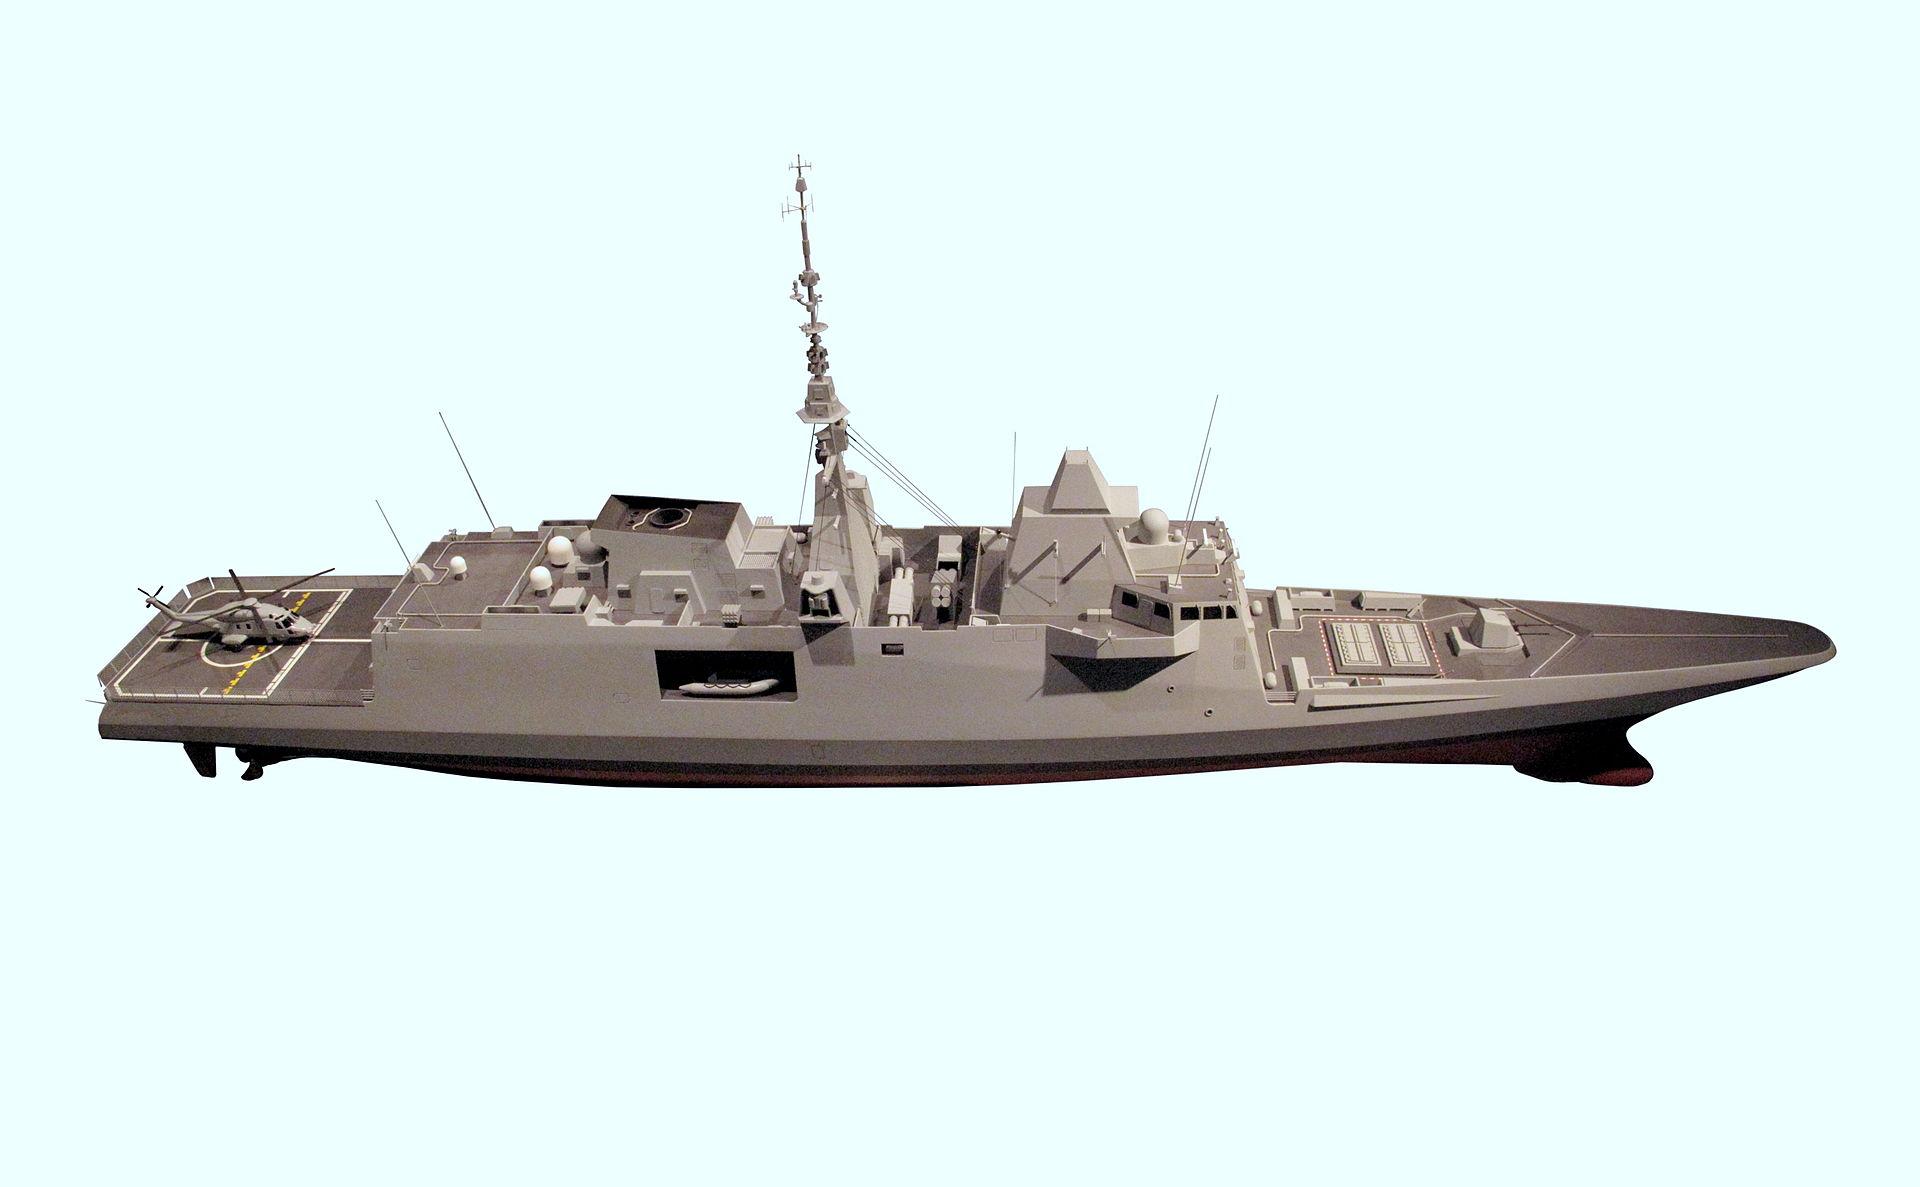 16cell Sylver A70 Vls For 16 × Scalp Naval Landattack Cruise Missiles  16cell Sylver A43 Vls For 16 Aster 15 Missiles 8 × Mm40 Exocet Block 3  Antiship